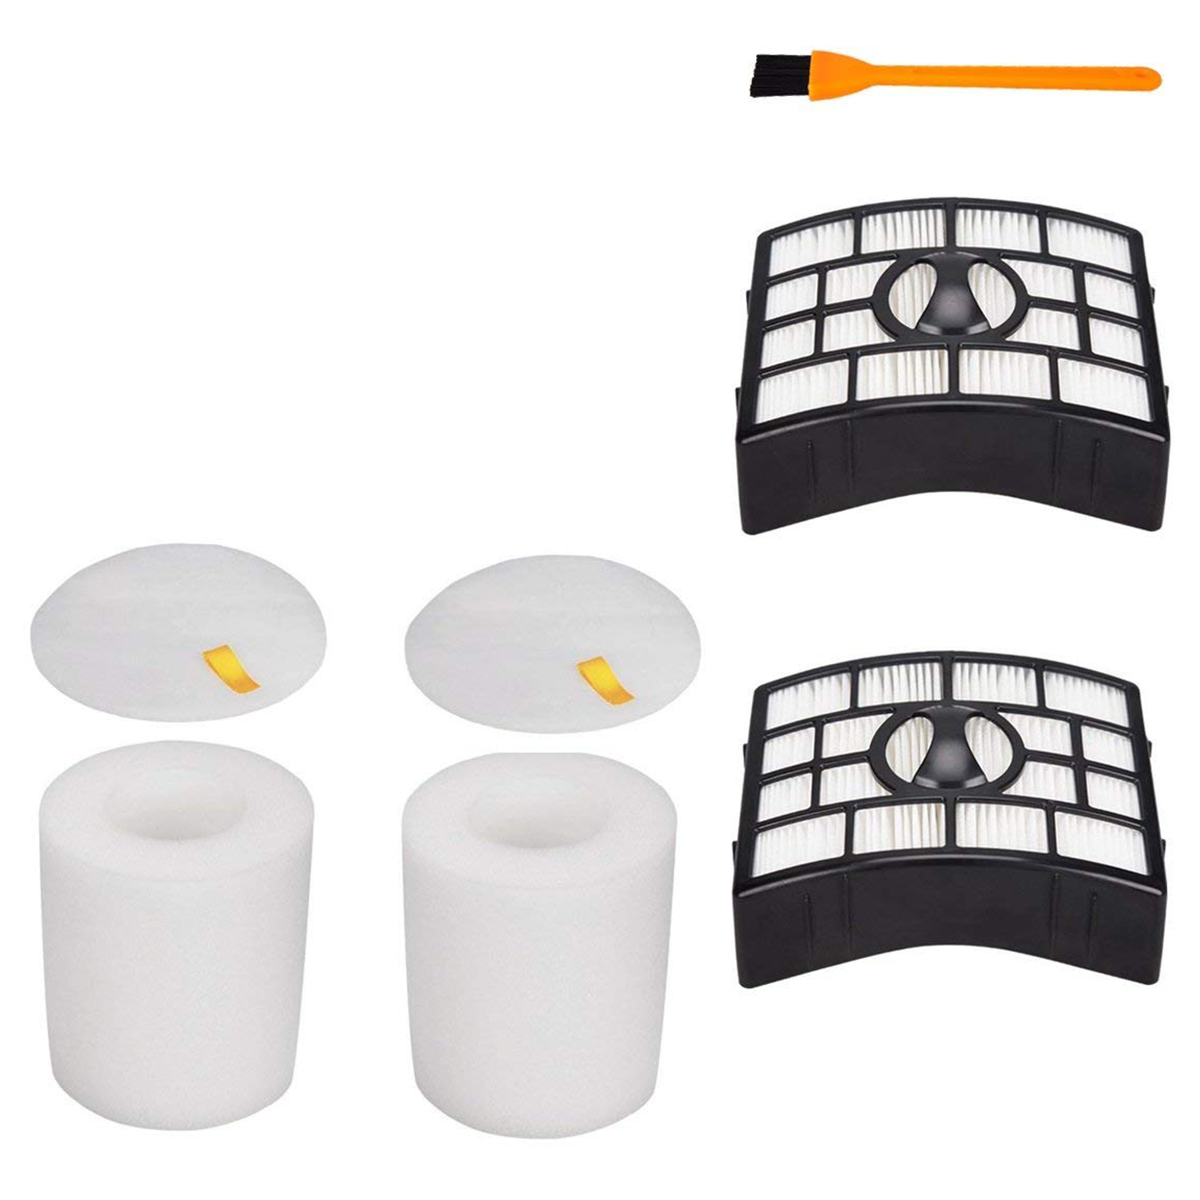 Nouveau Hot 2 pièces pour filtre de remplacement requin Nv650, Compatible requin rotateur alimenté ascenseur Nv650 pièces de rechange et Cleani